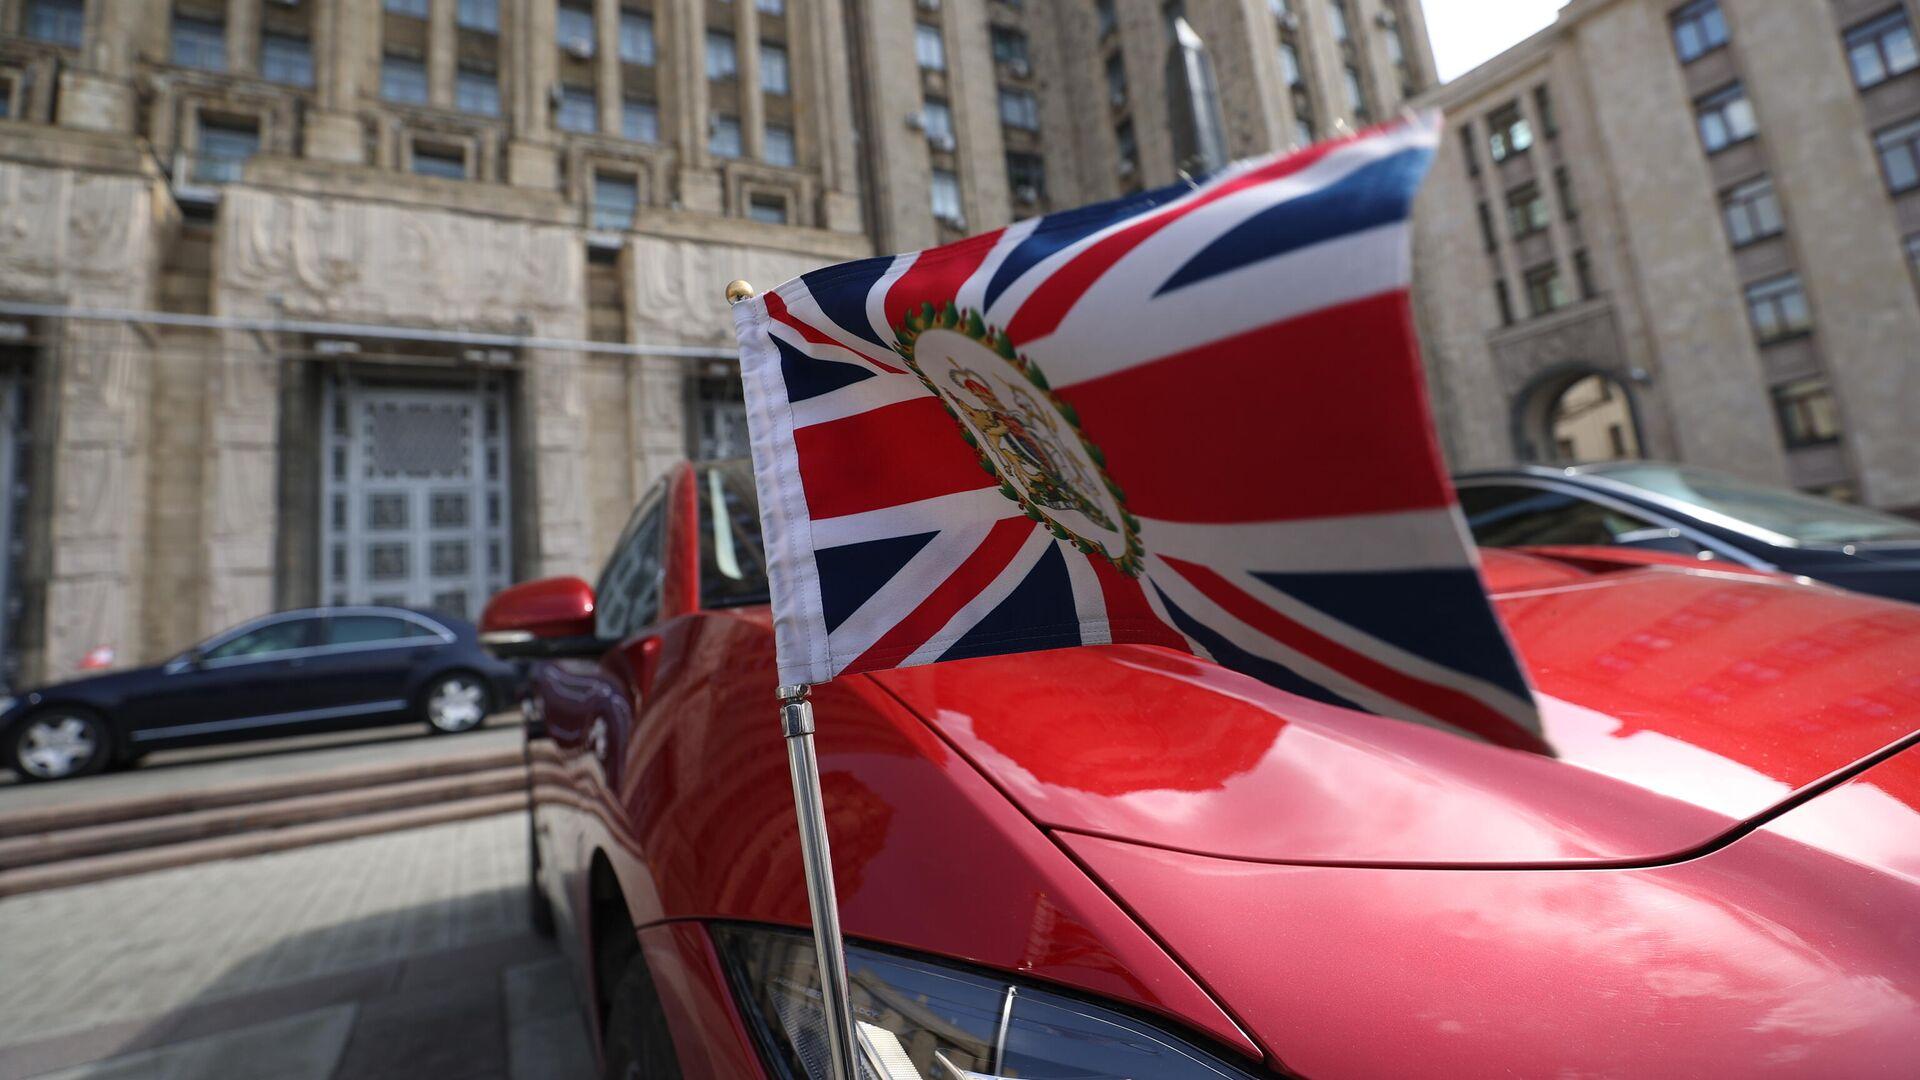 Автомобиль посла Великобритании у здания министерства иностранных дел РФ в Москве - РИА Новости, 1920, 26.04.2021